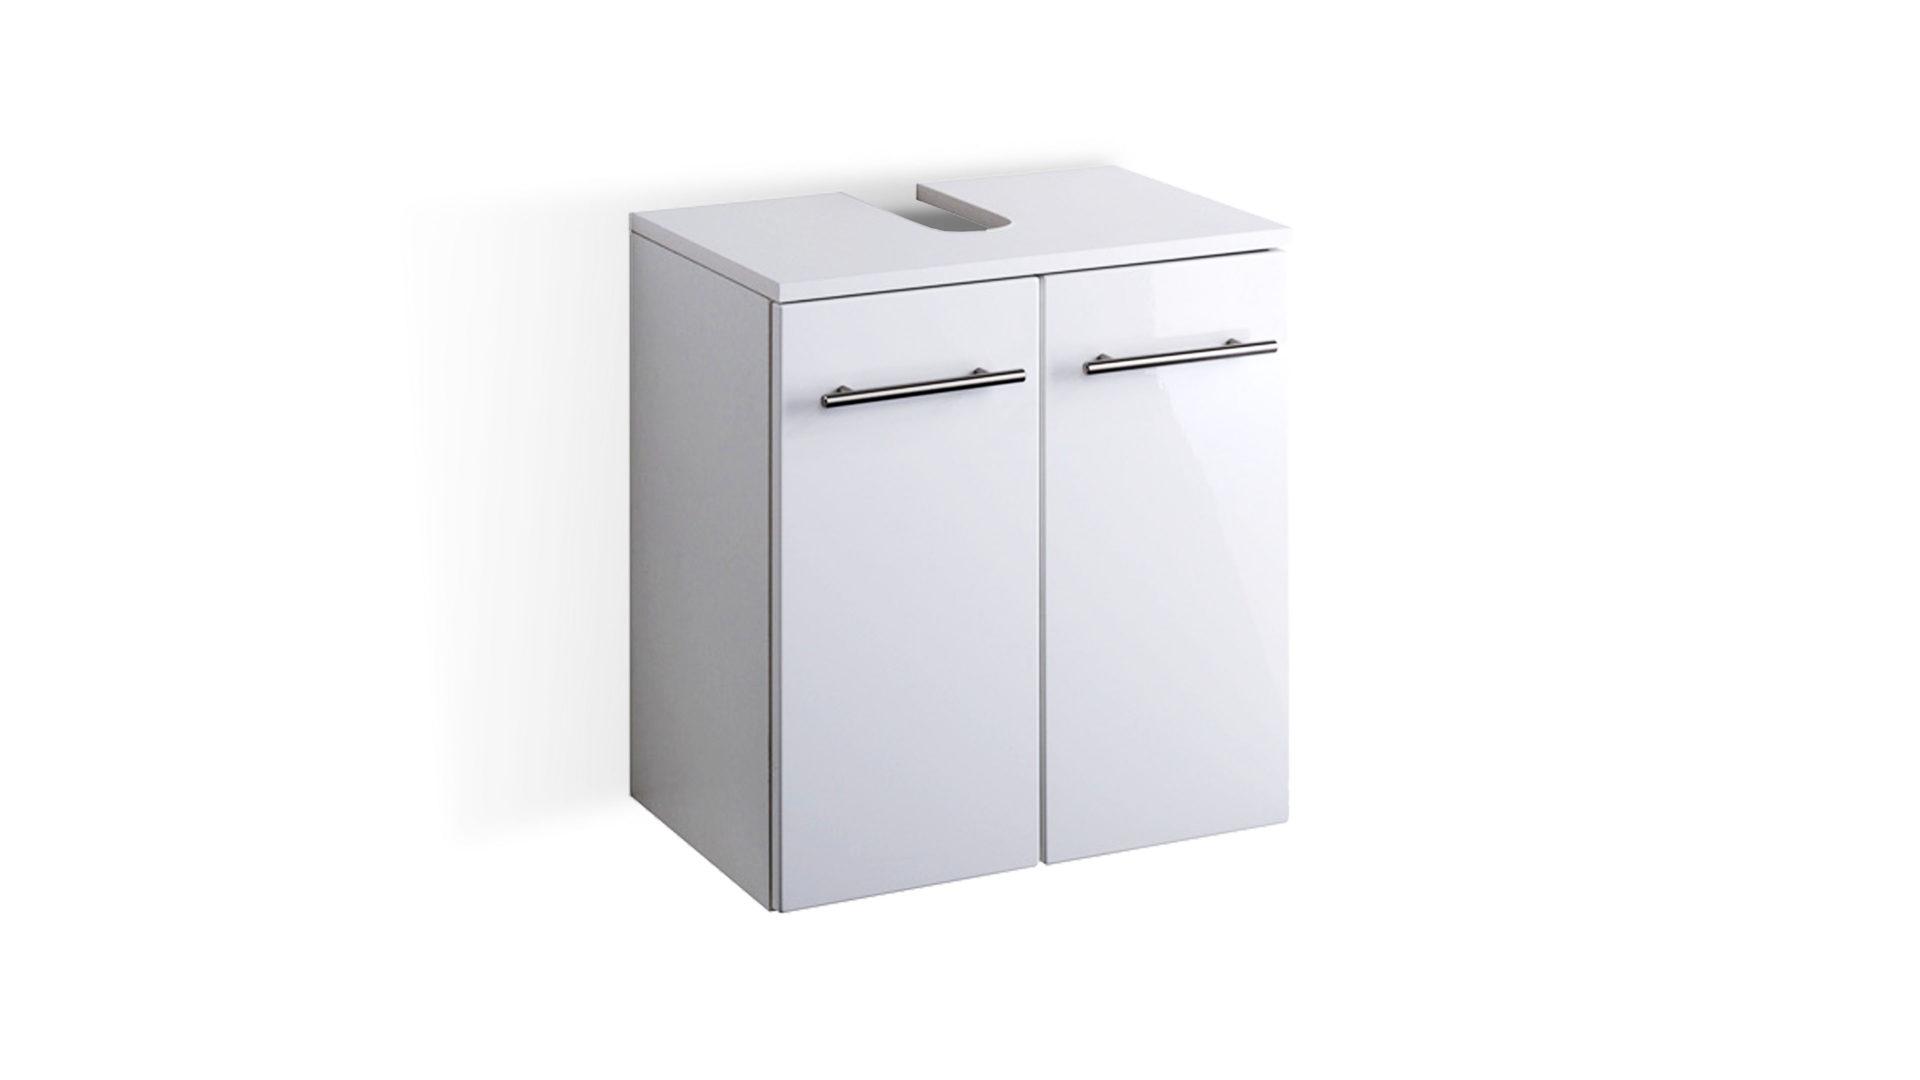 Waschbeckenunterschrank Parma als Badezimmermöbel, weiße Hochglanz ...